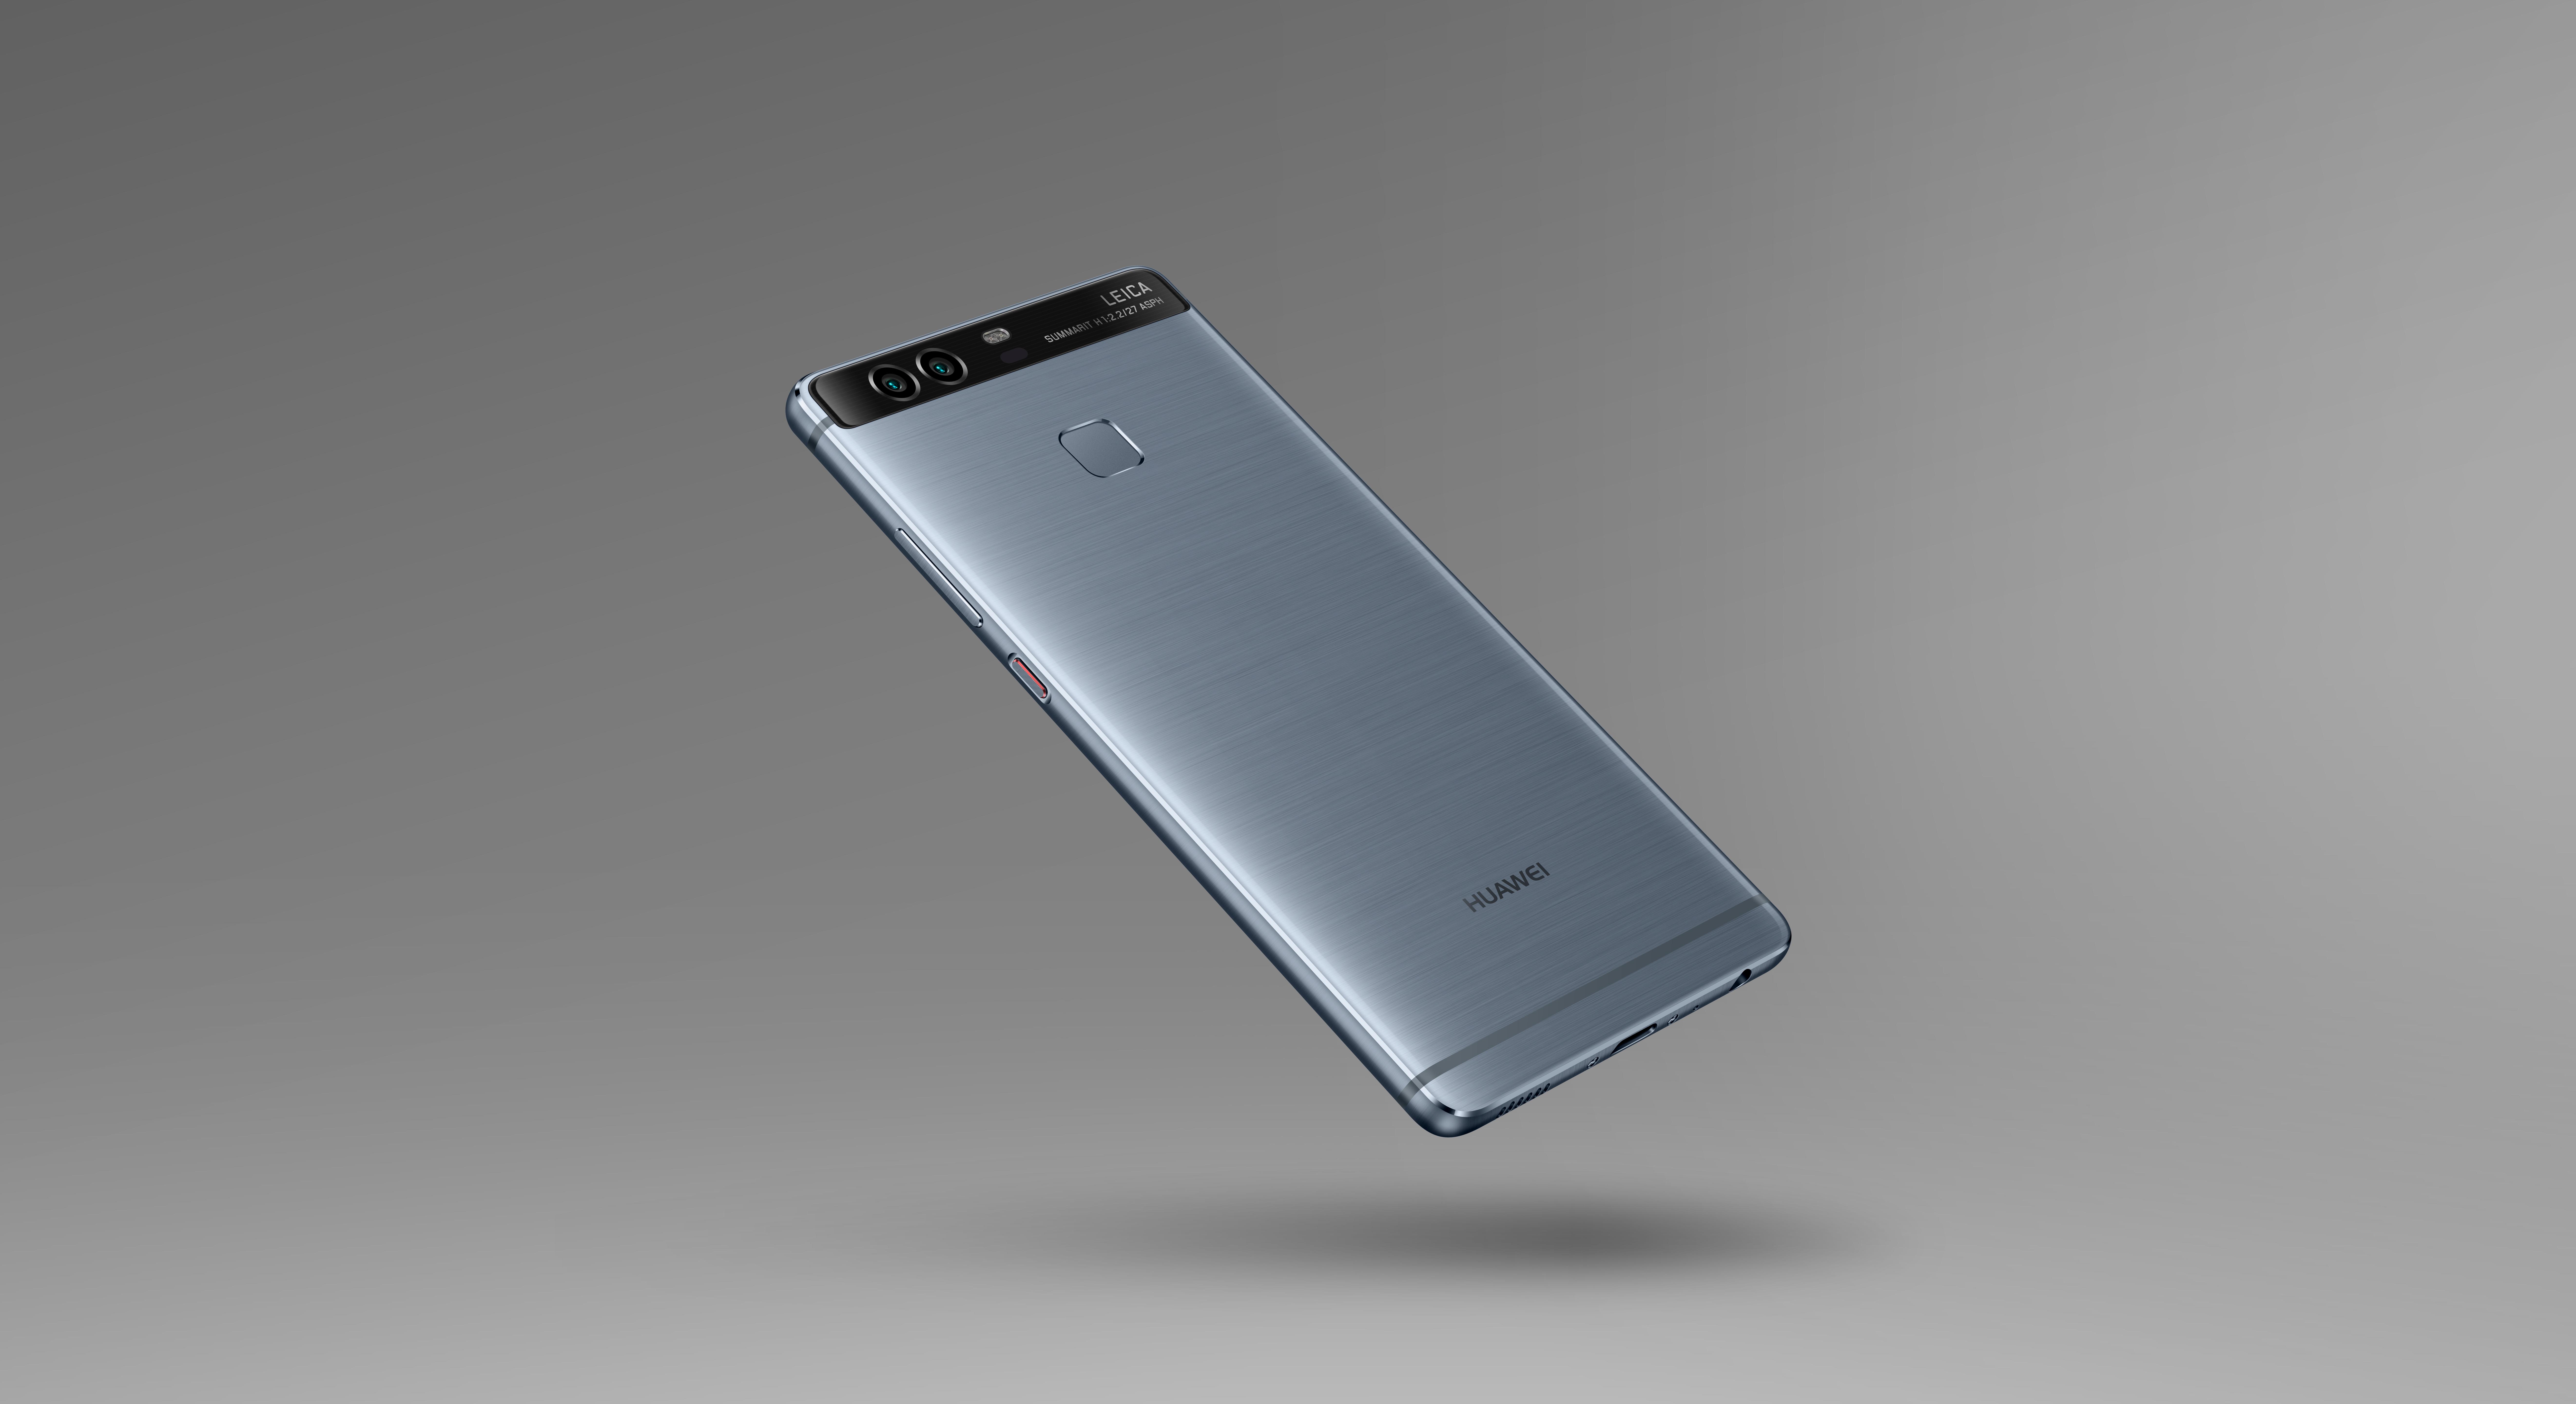 Huawei P9 Цена до 999 лв. в мобилните оператори и големите магазини за техника